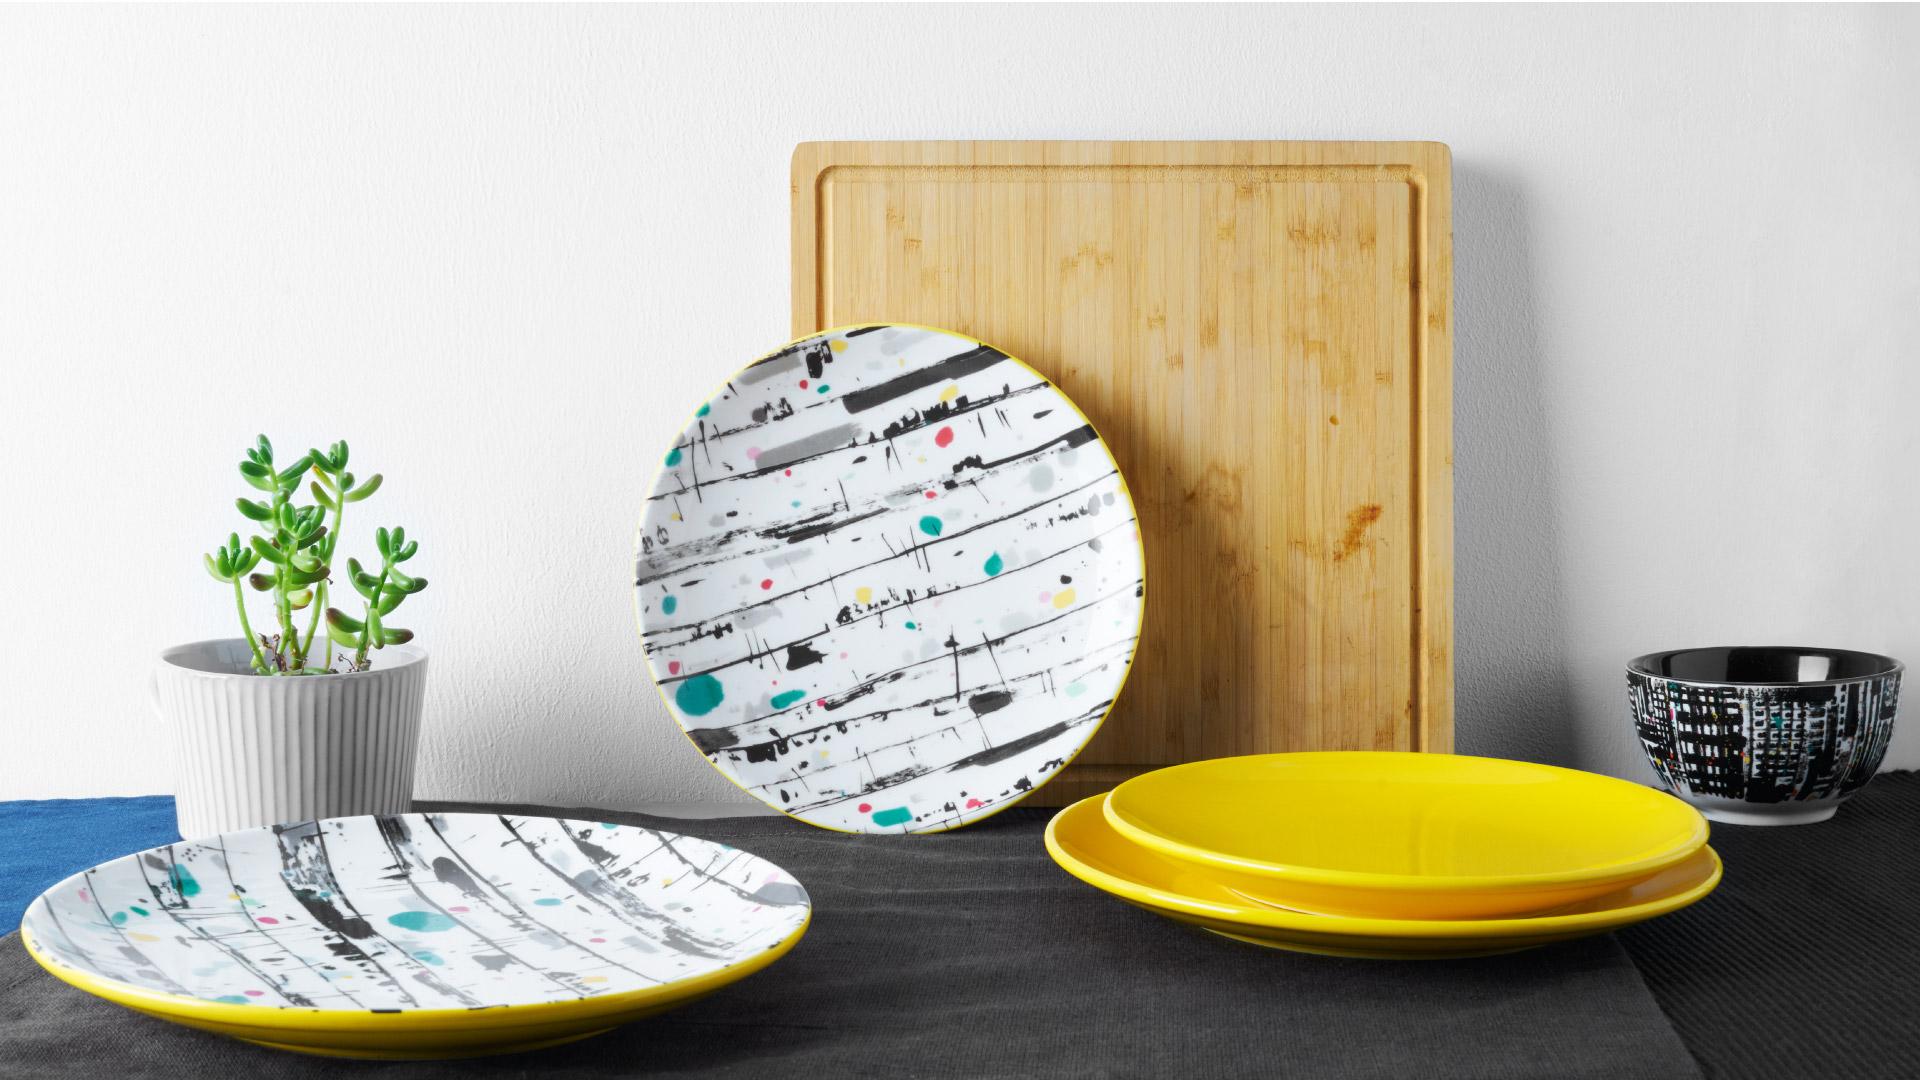 白桦林的秋色,在吴老的饱满笔触下淋漓展现,取柠黄色的单纯之美用于餐盘,瓷器韵味与纯粹色彩完美交融。?x-oss-process=image/format,jpg/interlace,1